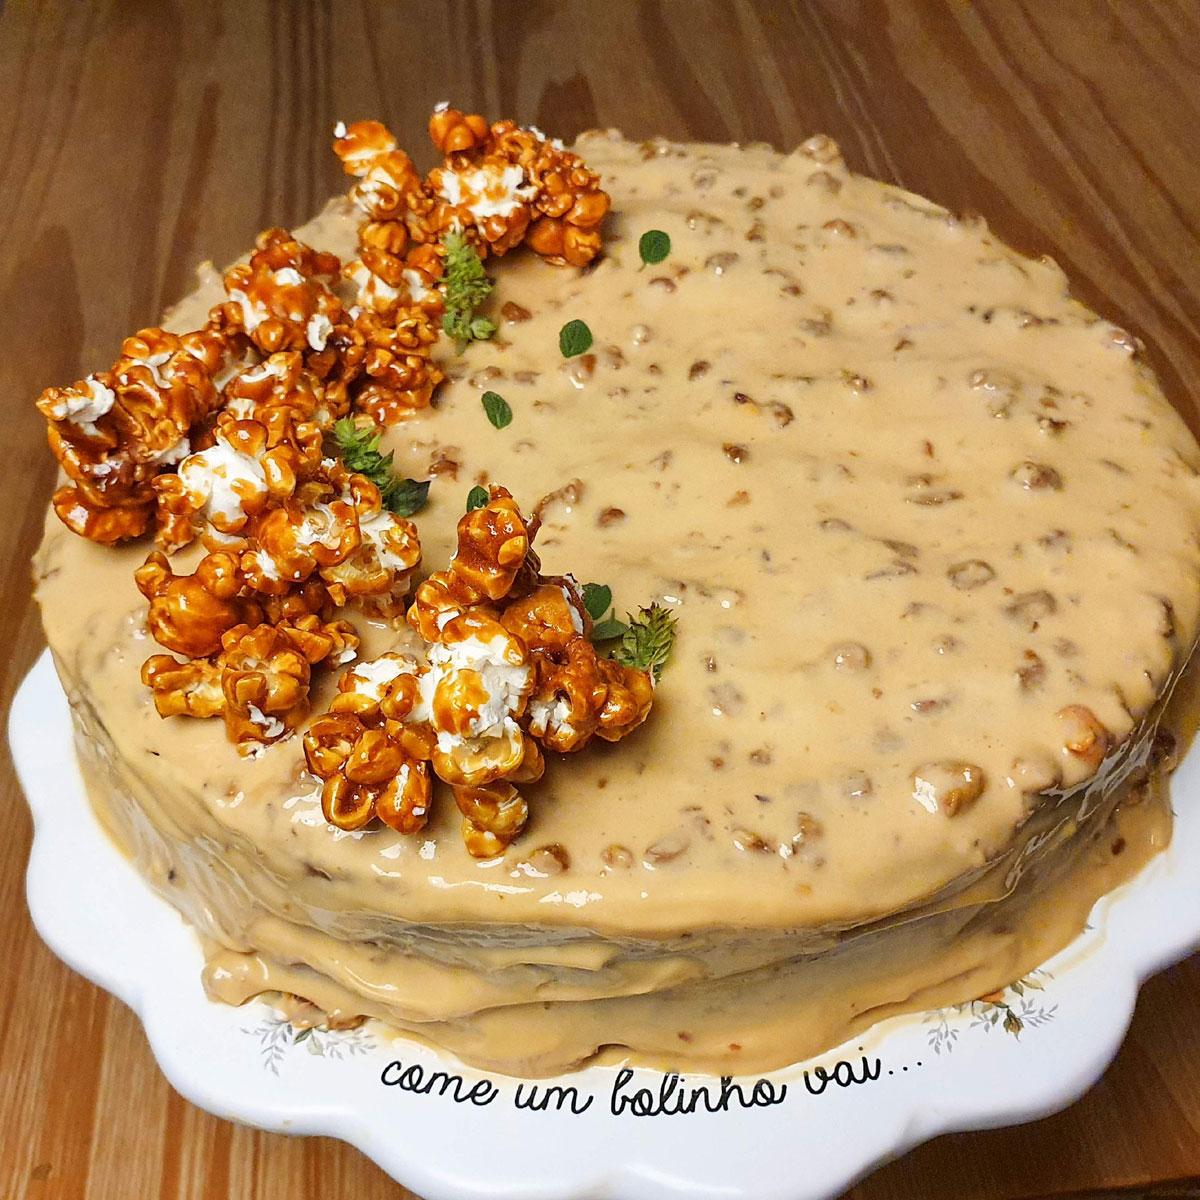 Gi Nacarato turbinou o seu Instagram com pratos variados, como o bolo de amendoim